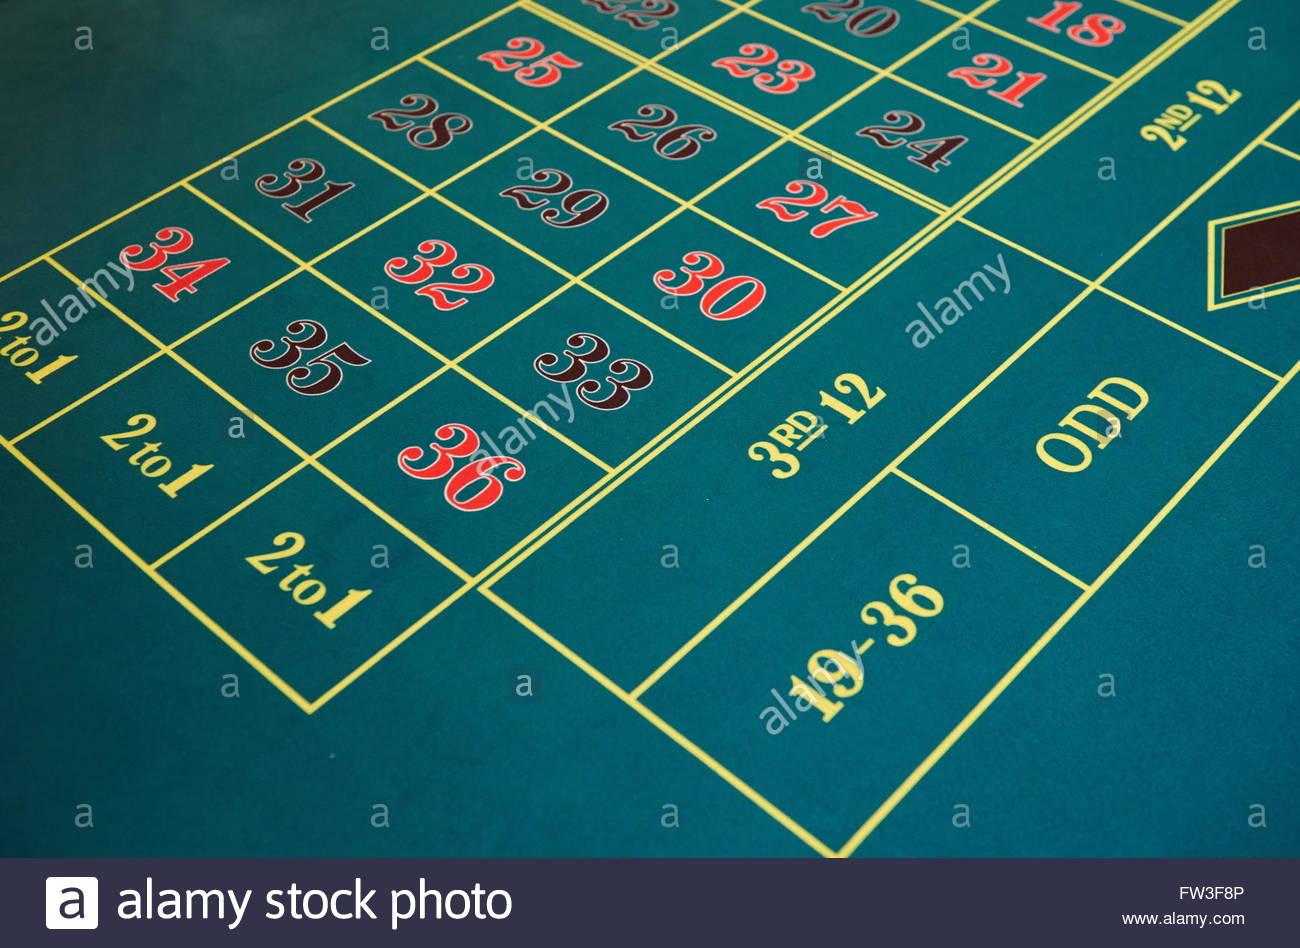 Бесплатно Поиграть В Игровые Автоматы Без Регистрации